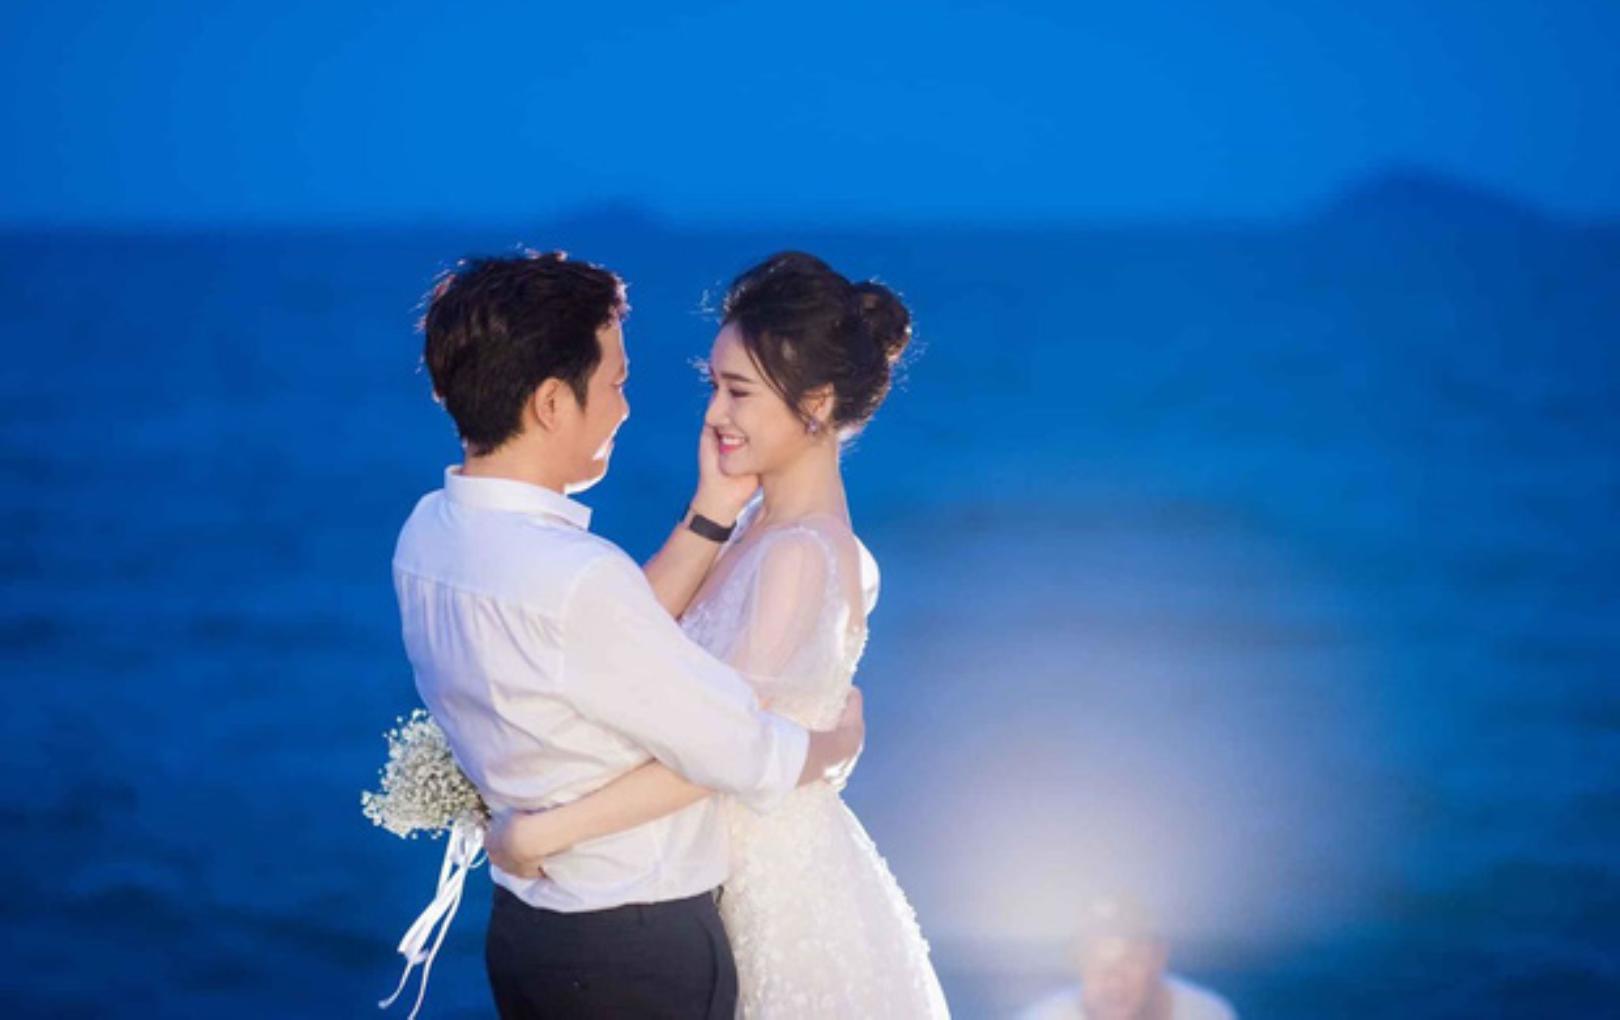 Trường Giang - Nhã Phương tung bộ ảnh lung linh tại hôn lễ bí mật trên biển cách đây hơn 1 năm